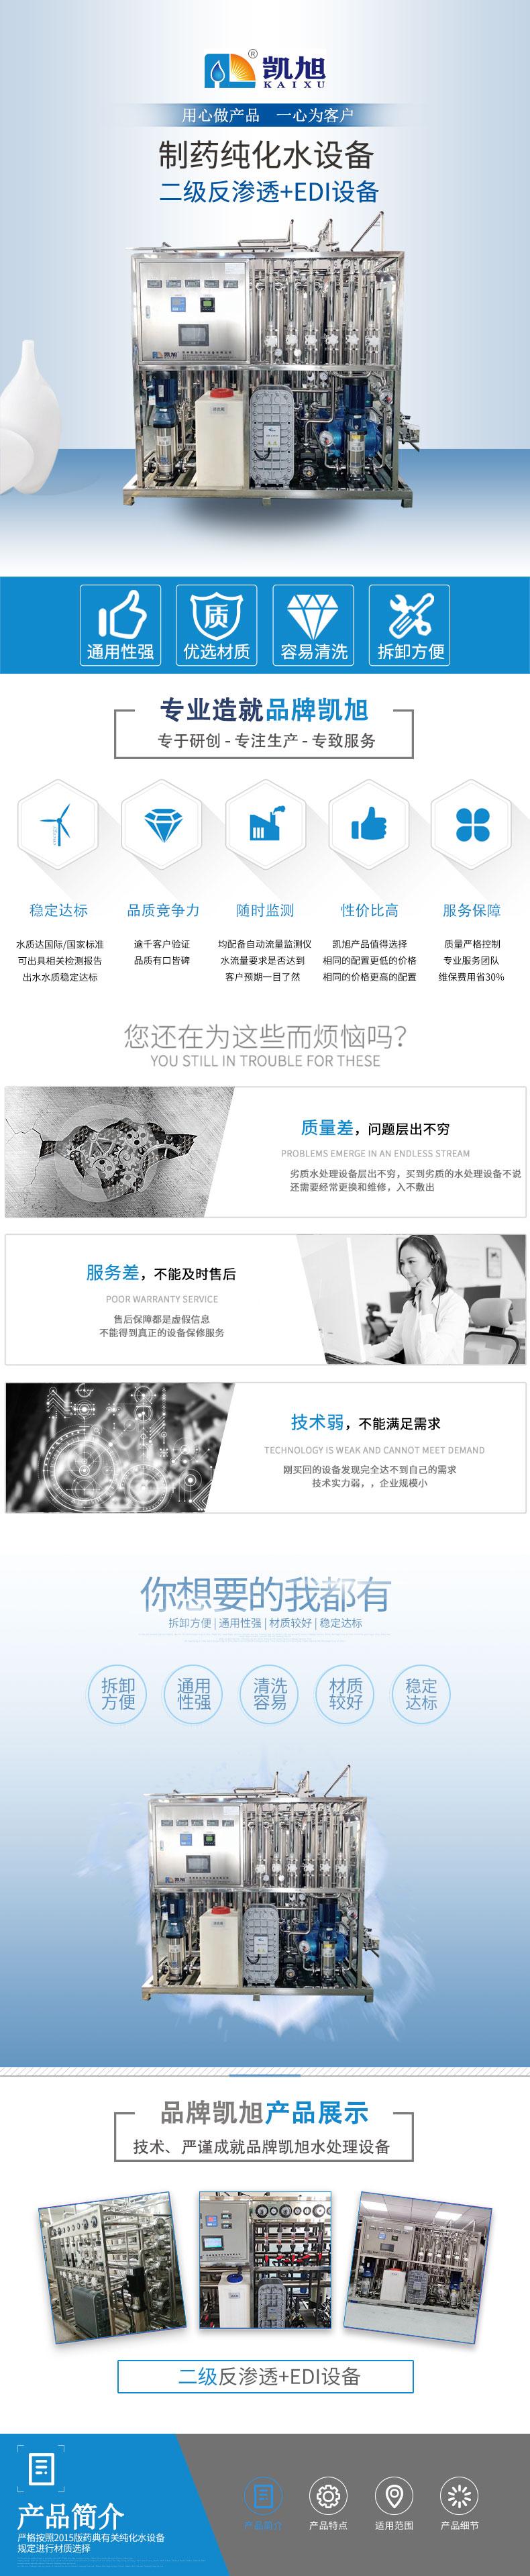 凯旭详情页-制药纯化水设备_01.jpg